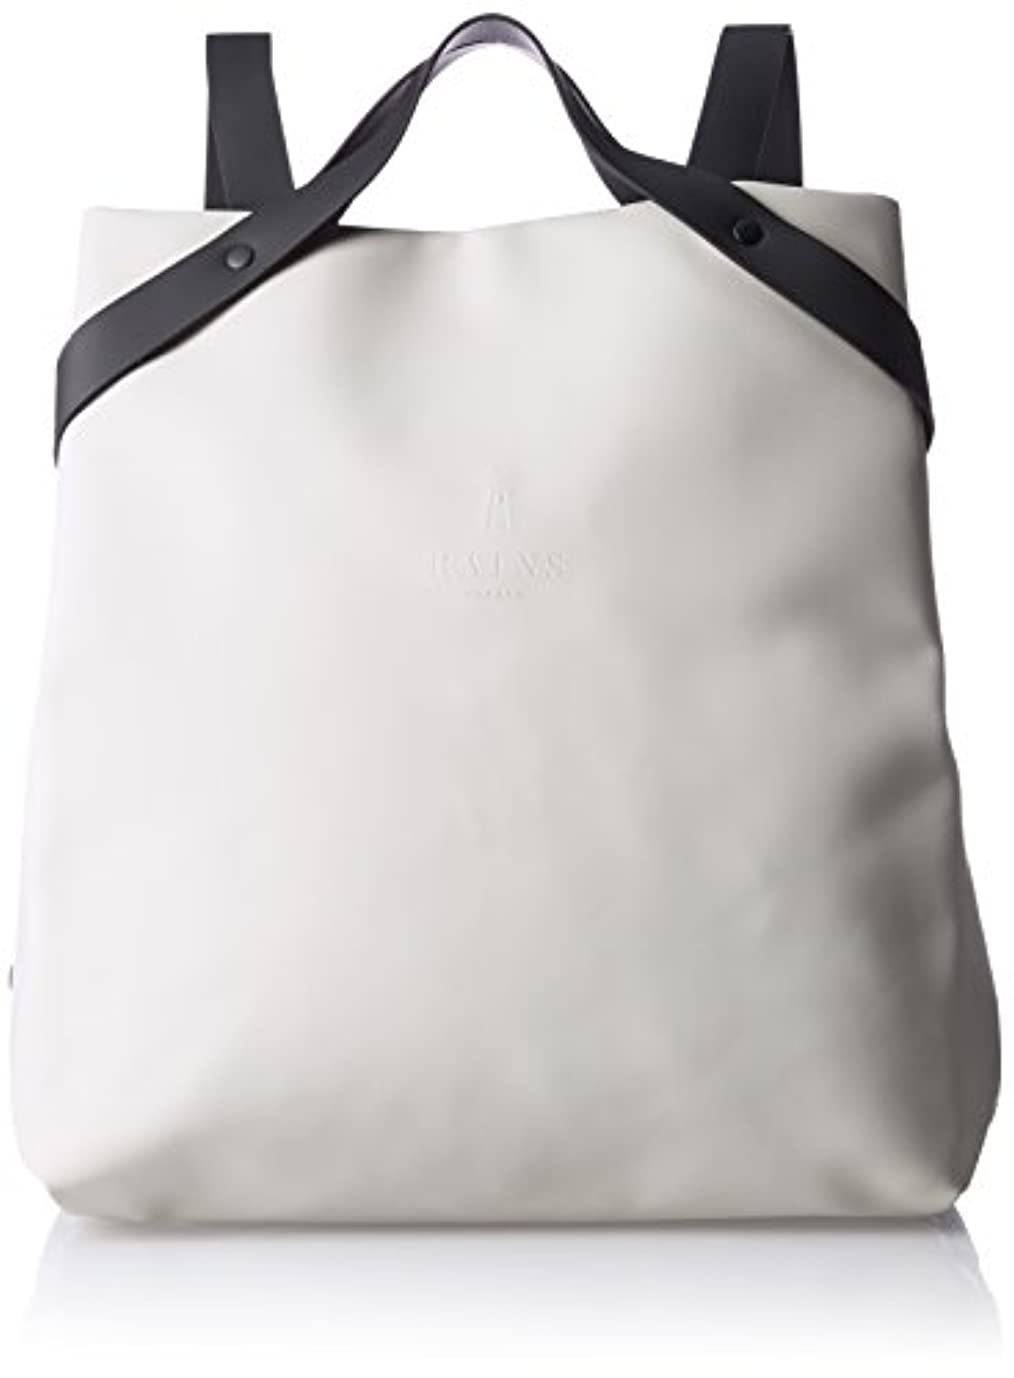 矩形おシェーバー[レインズ] Shift Bag 12880104